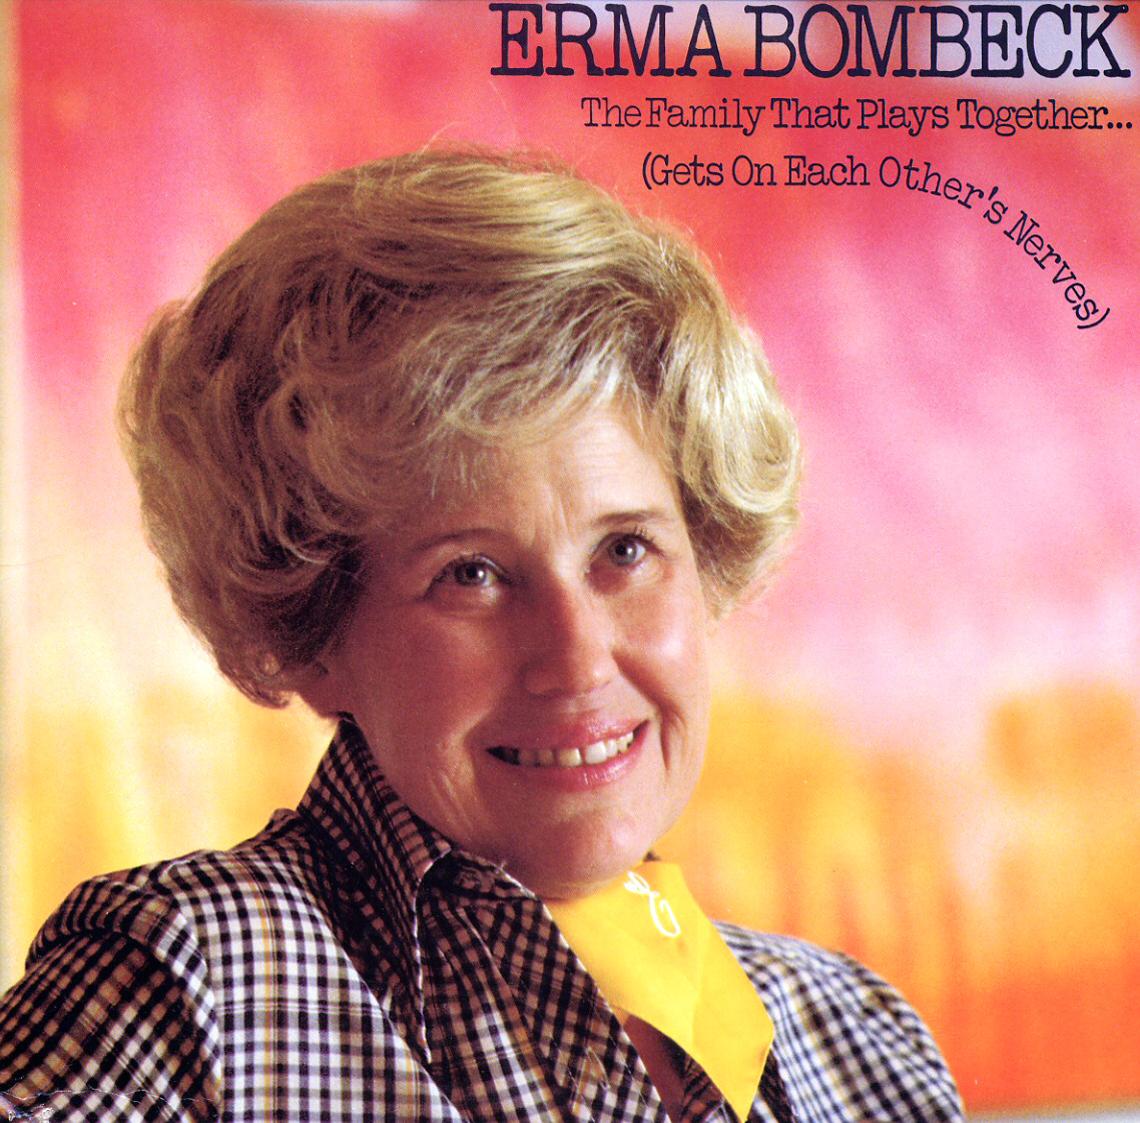 I Got Your Back!: Erma Bombeck